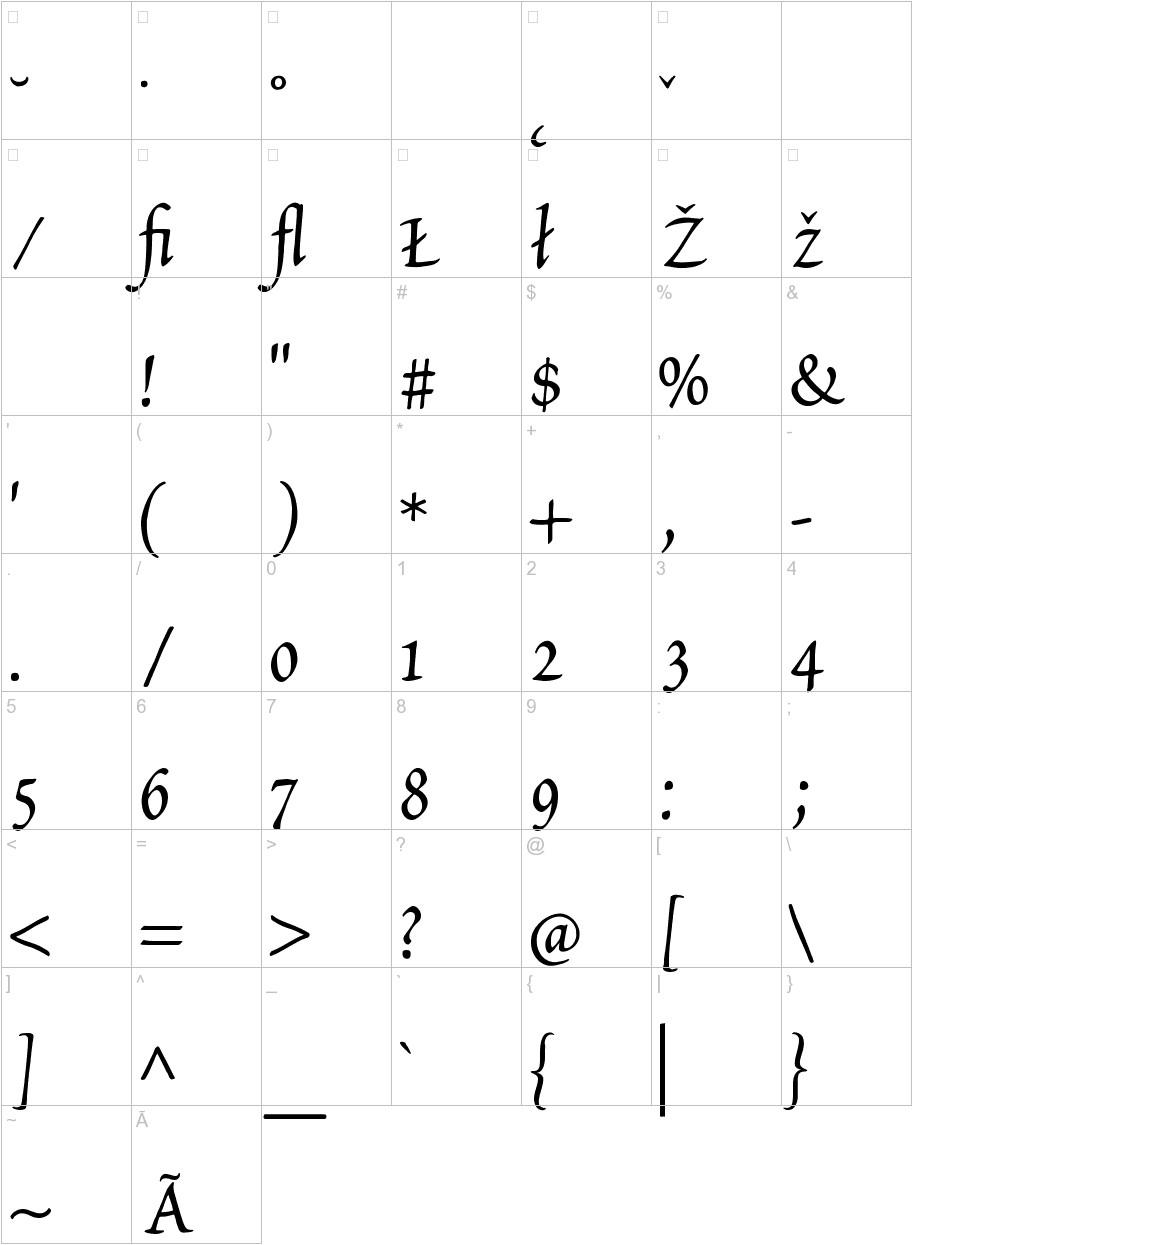 Petitscript characters